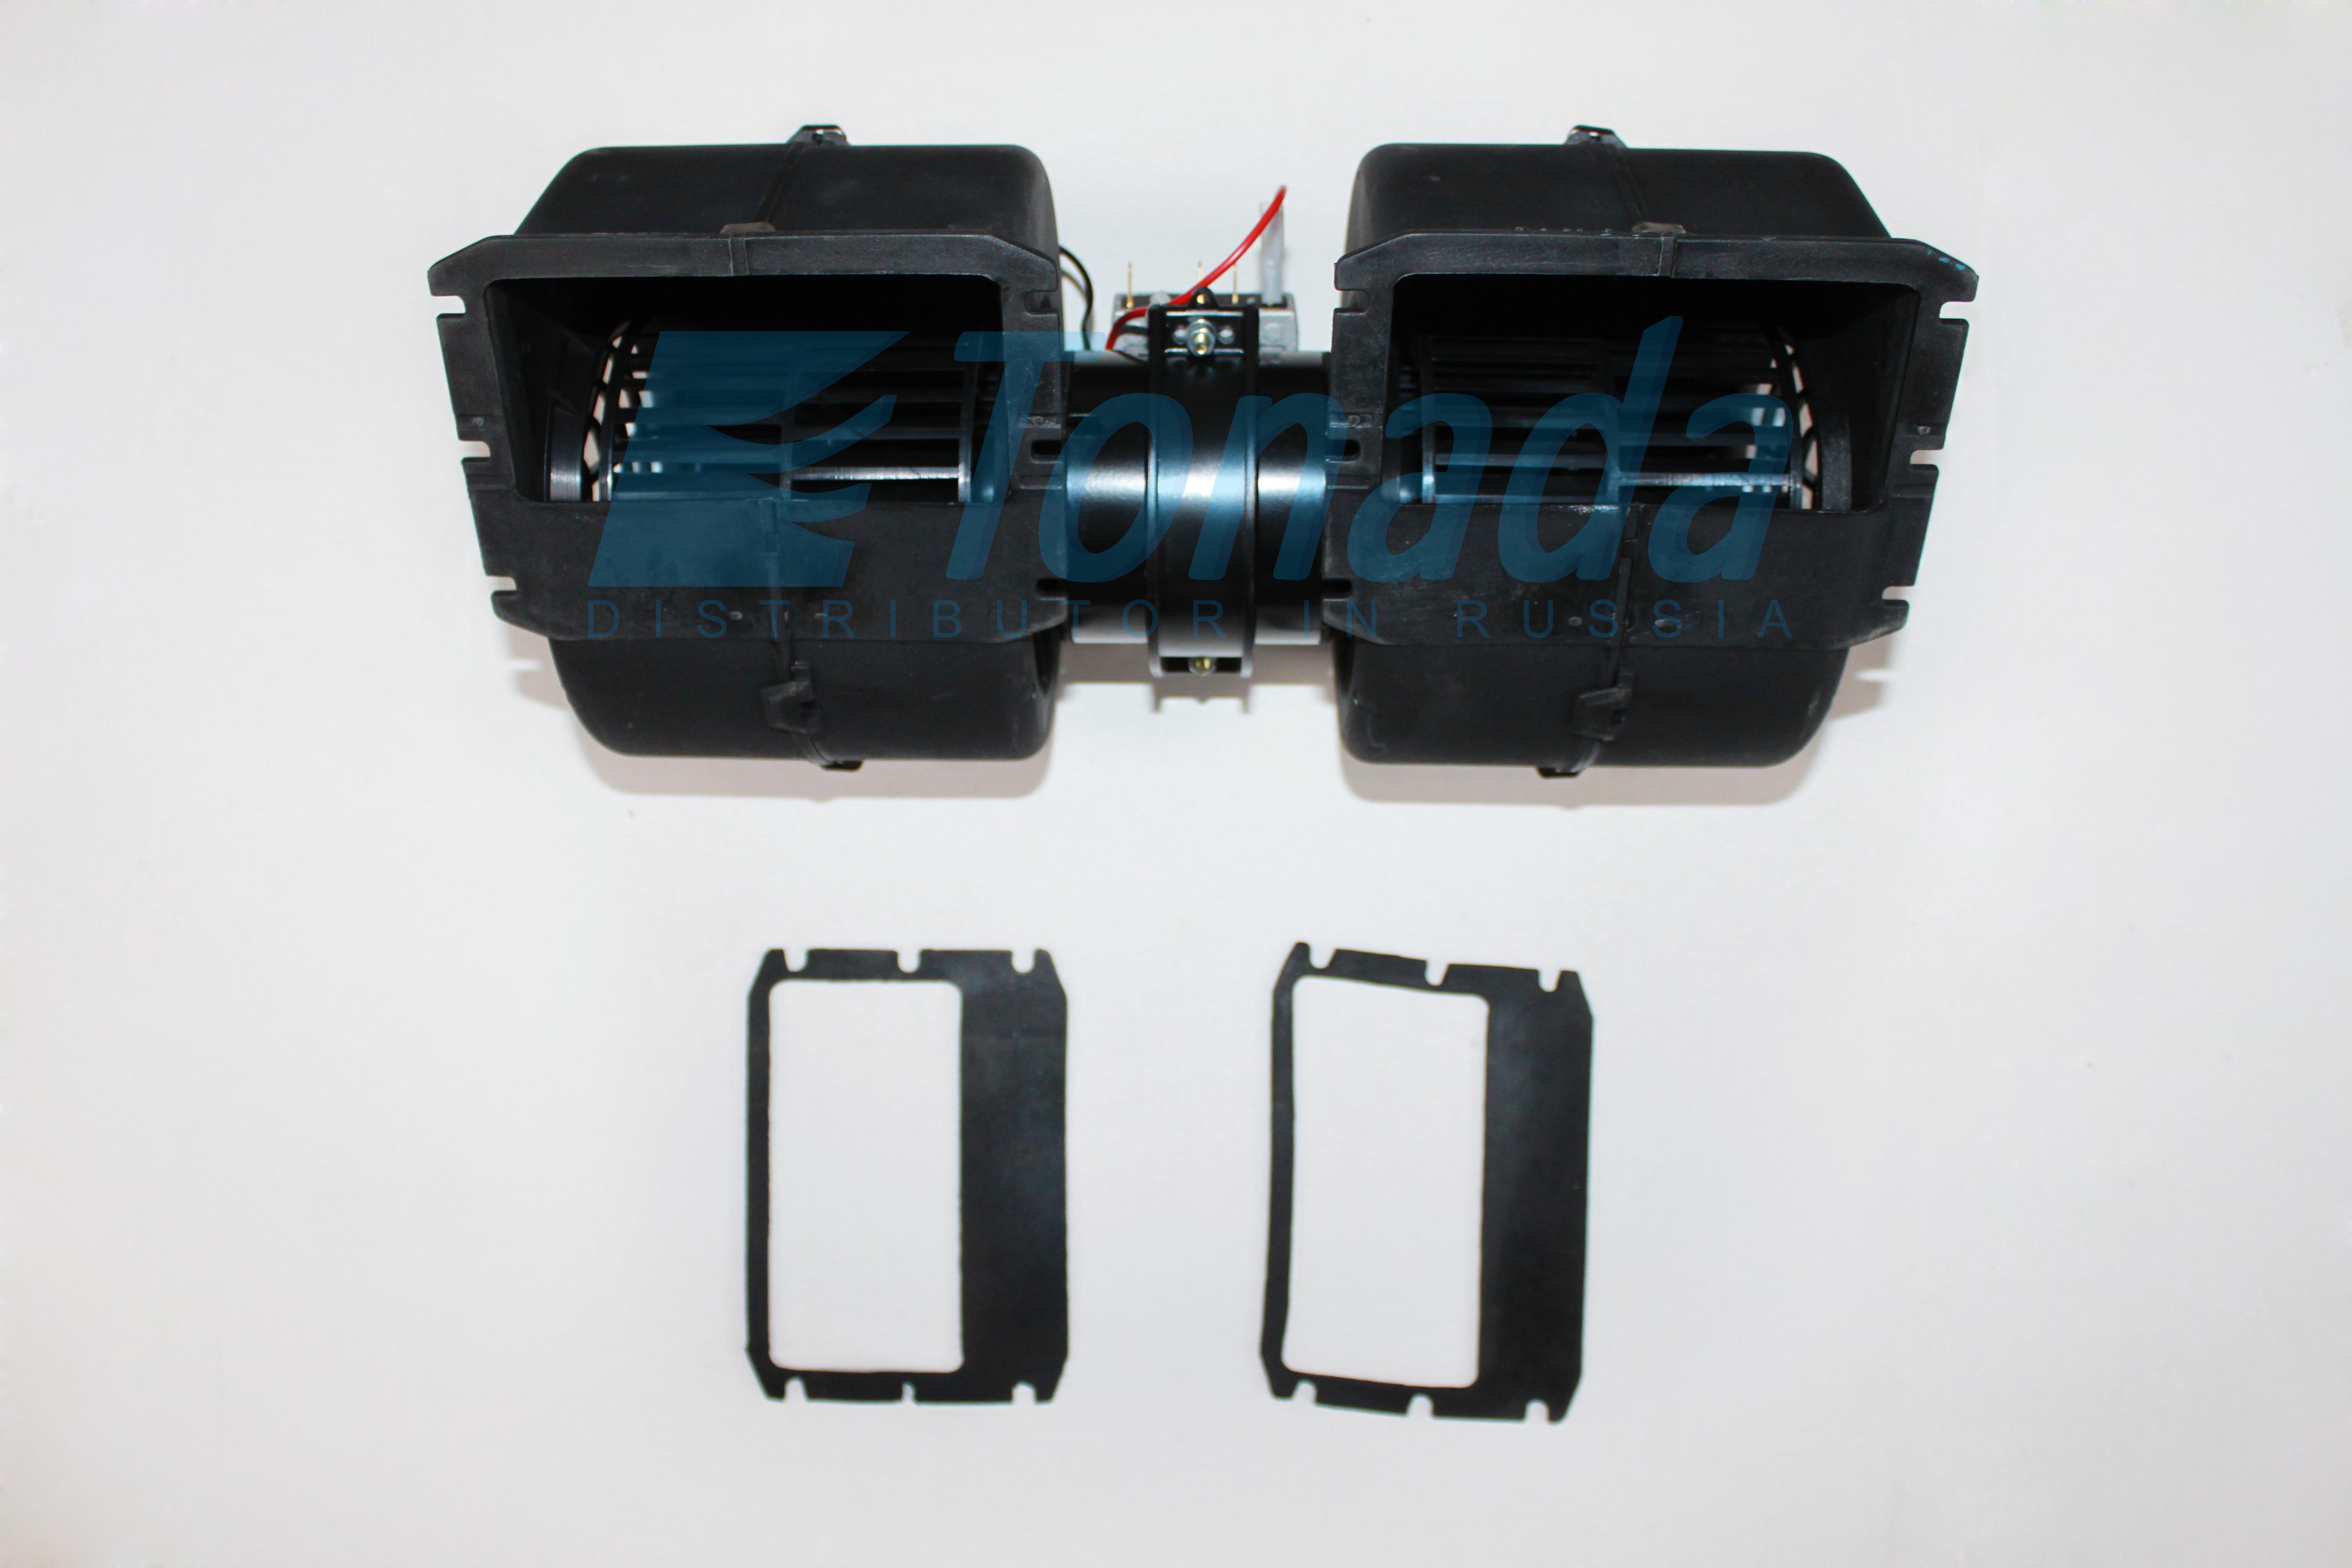 Вентилятор аналог Spal 009-B39-22 & 009-B40-22